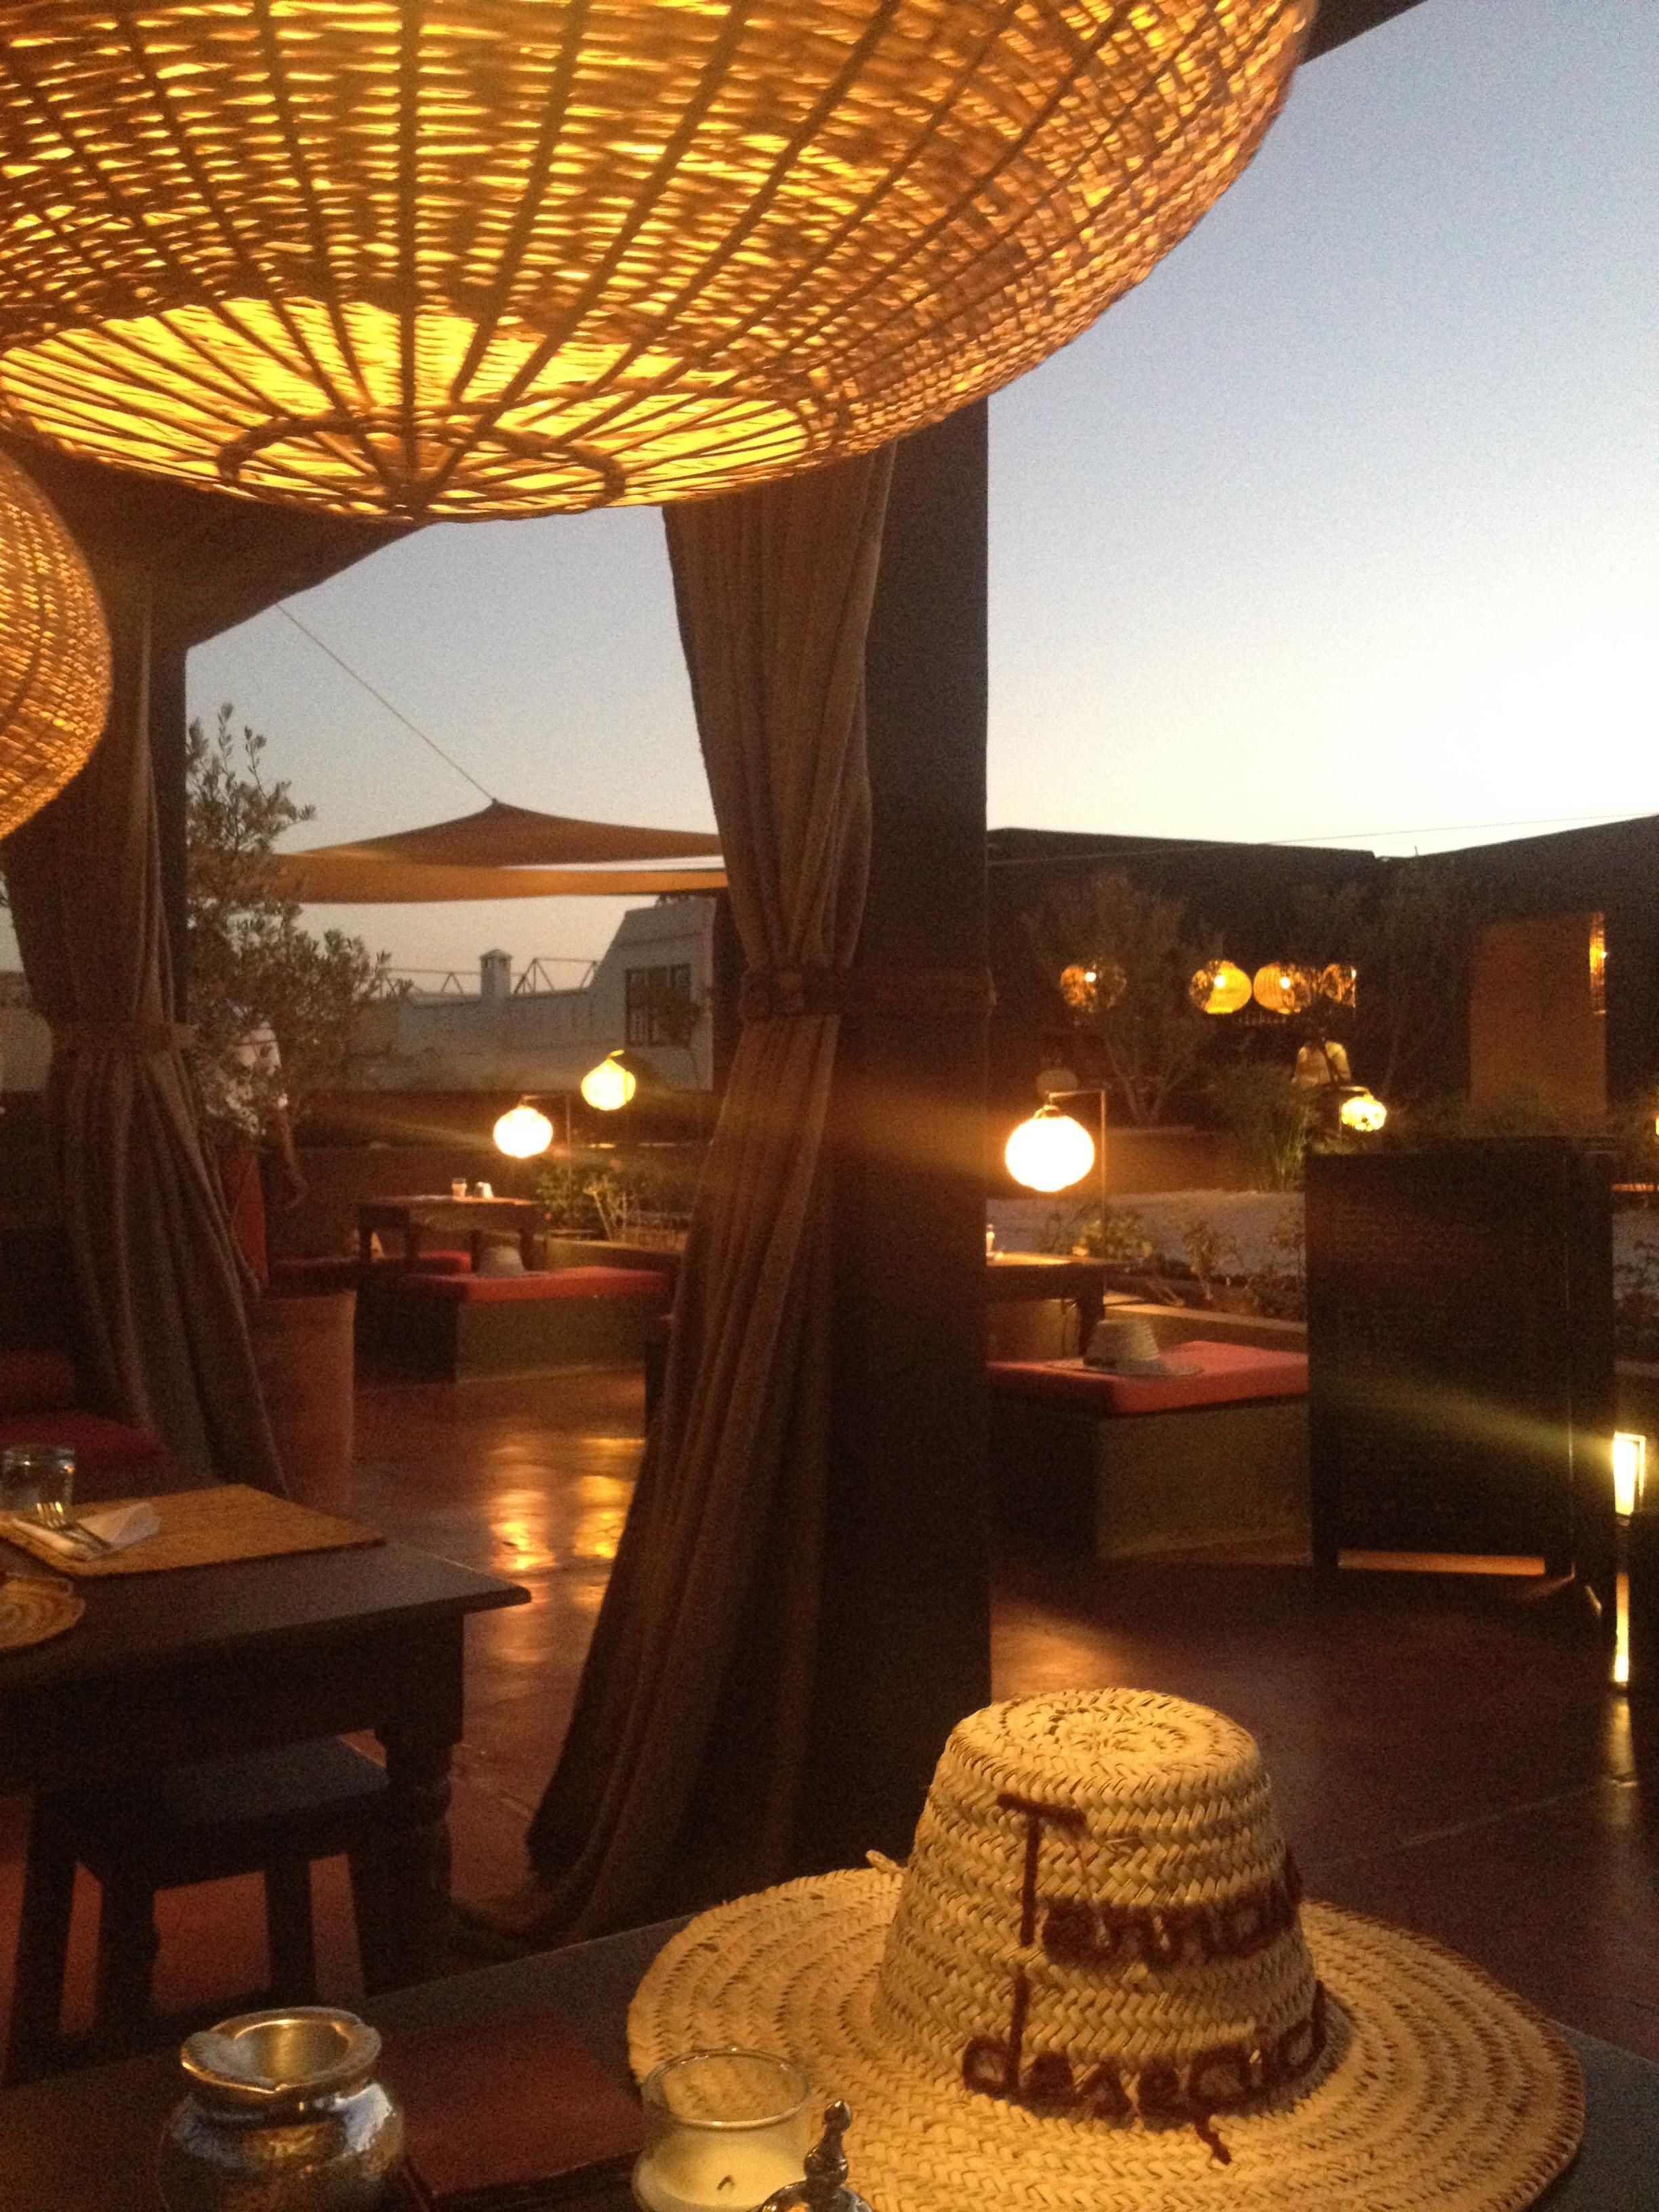 La Terrasse des épices, tenue par un français, lieu reposant, chaleureux avec vue sur les toits